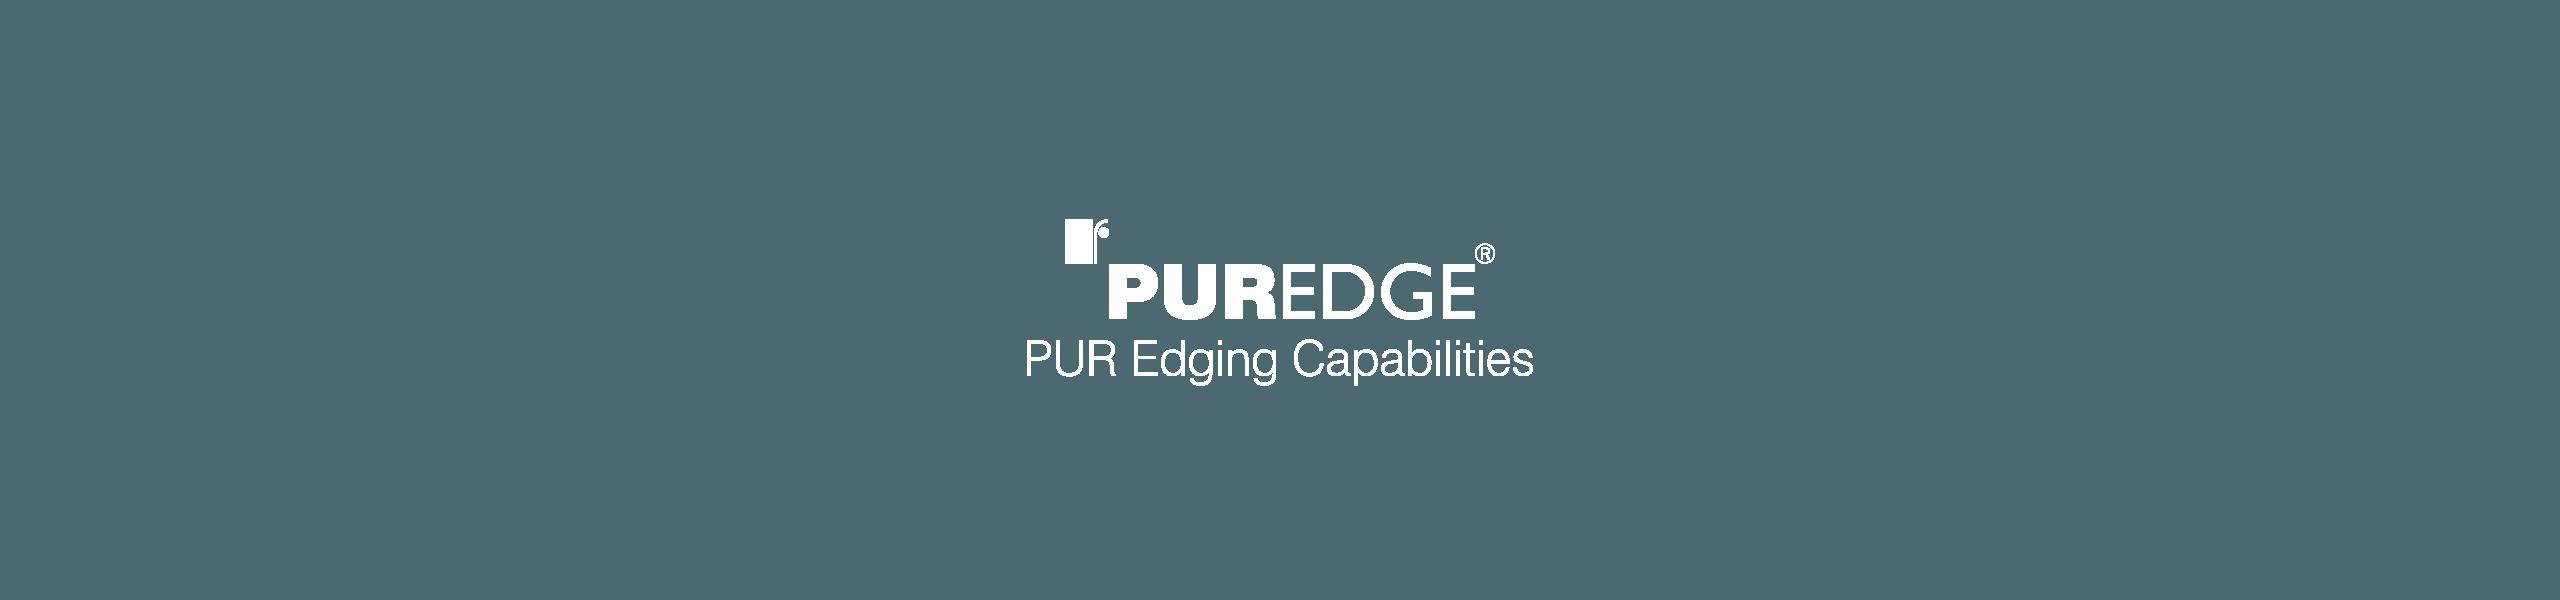 PUR edge